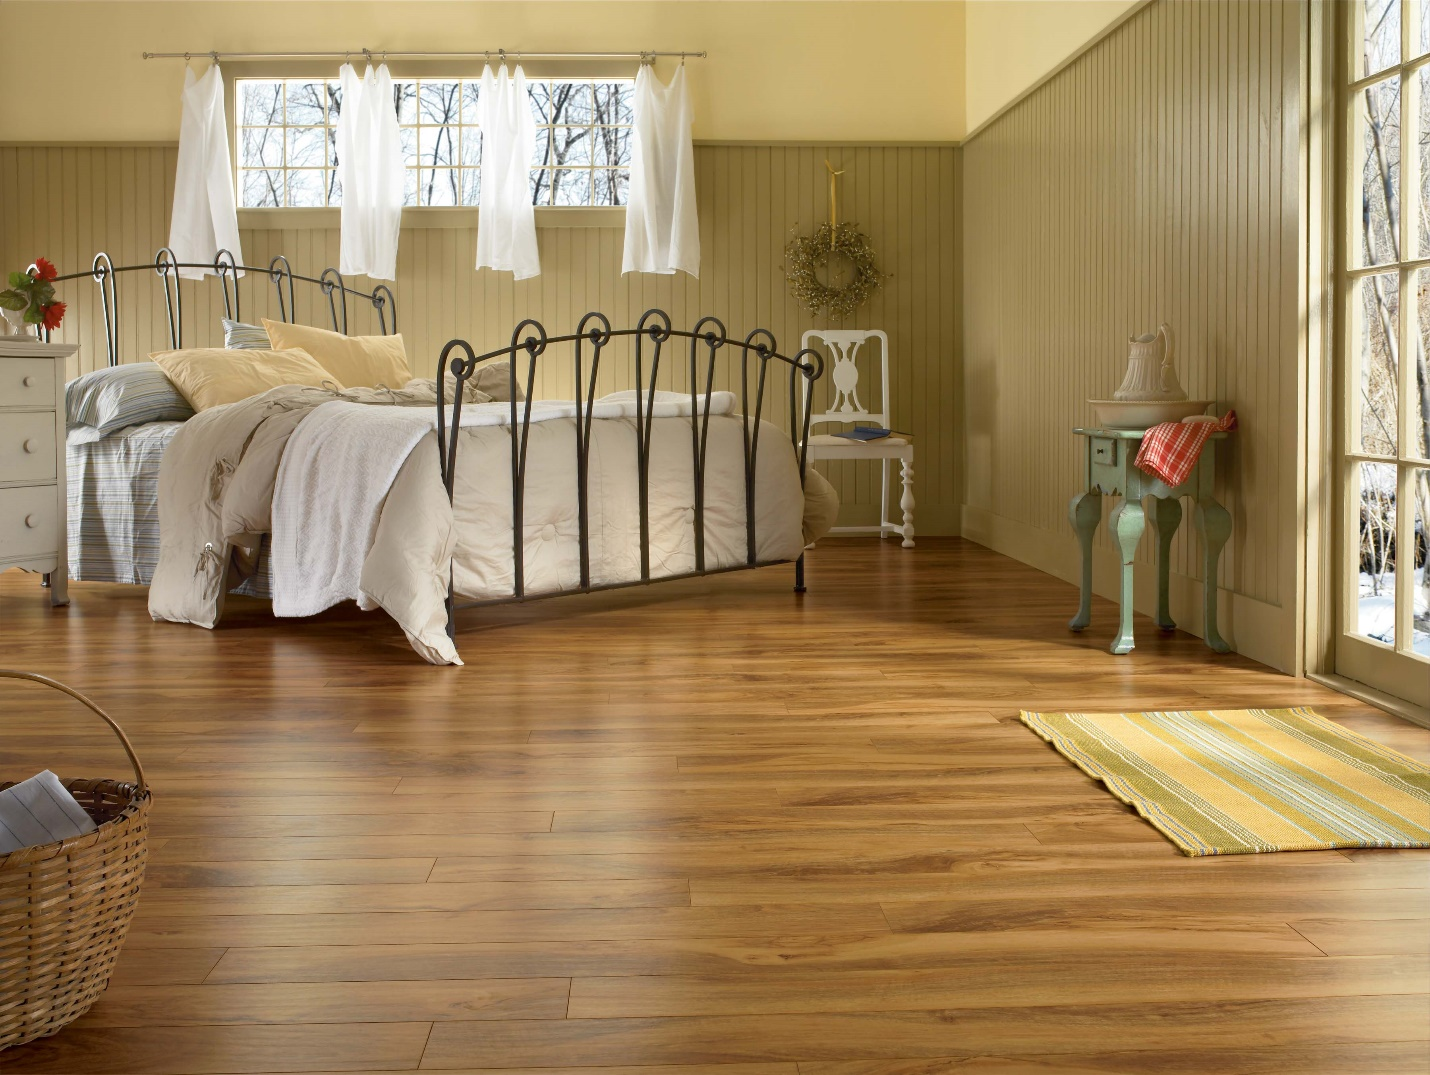 солидный какой пол можно сделать в комнате фото оптовые розничные цены